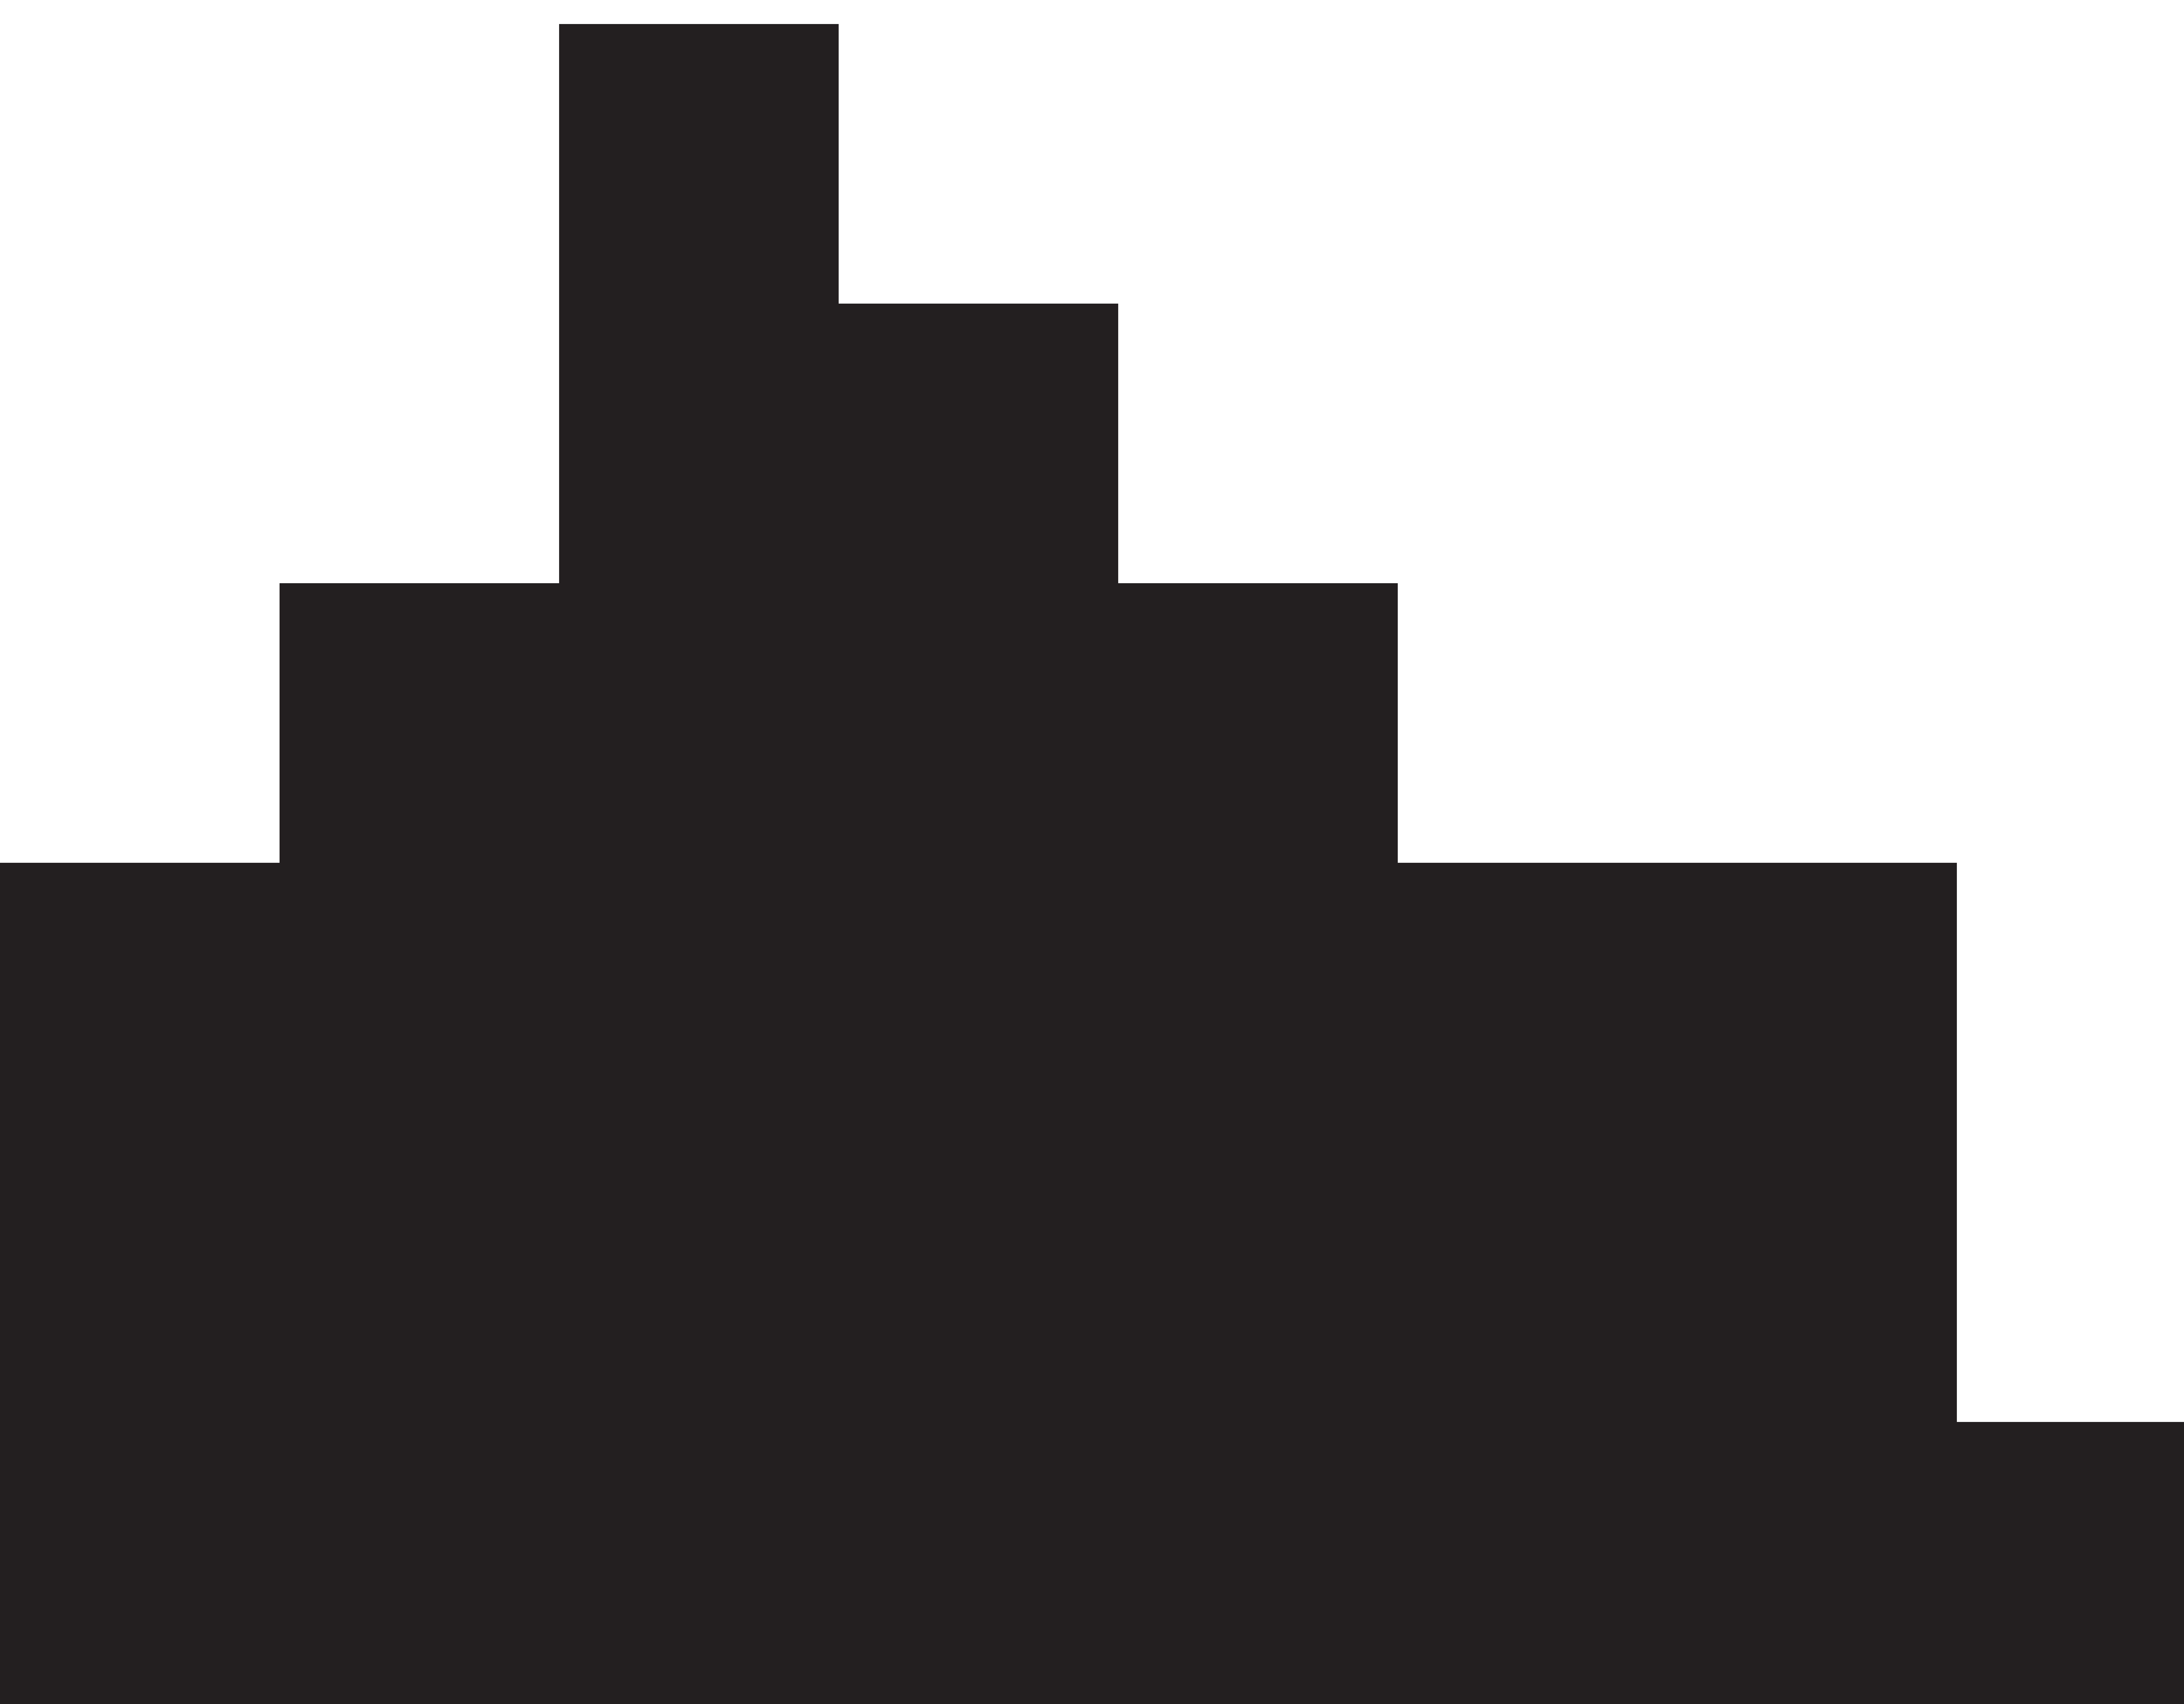 8000x6241 Hogwarts Castle Silhouette Clipart Em Harry Potter